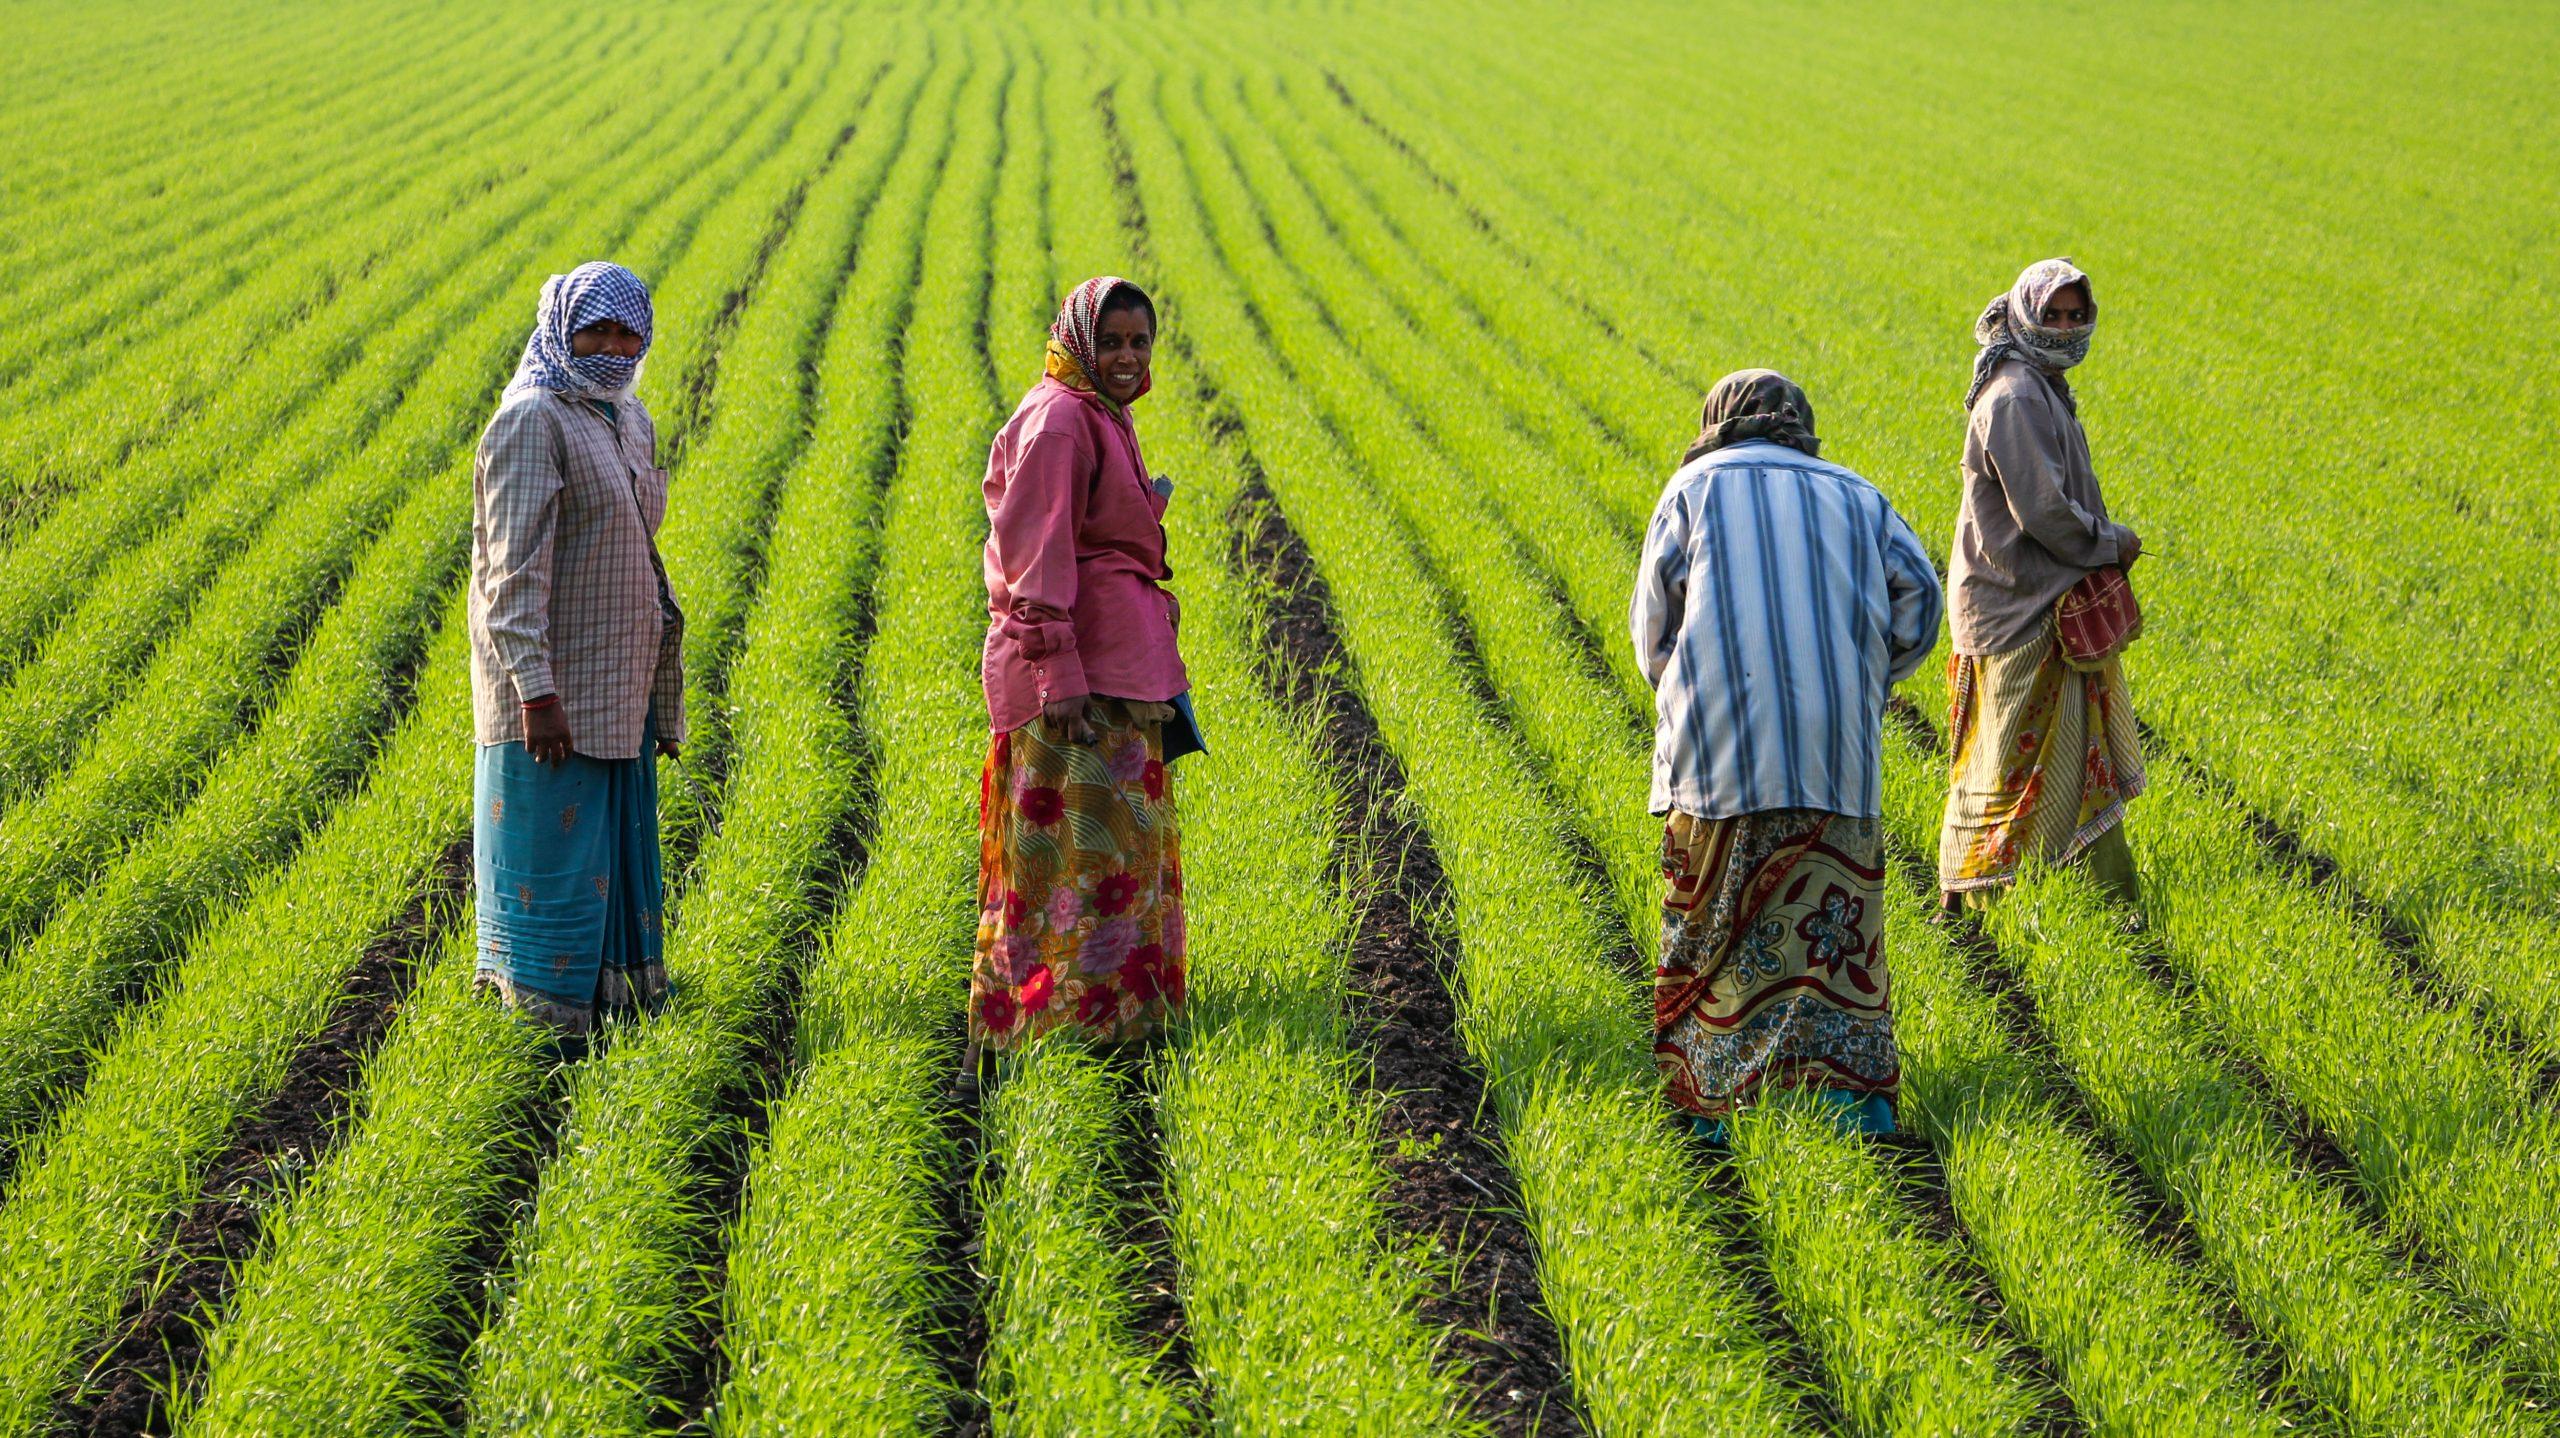 Feldarbeit in Gujarat